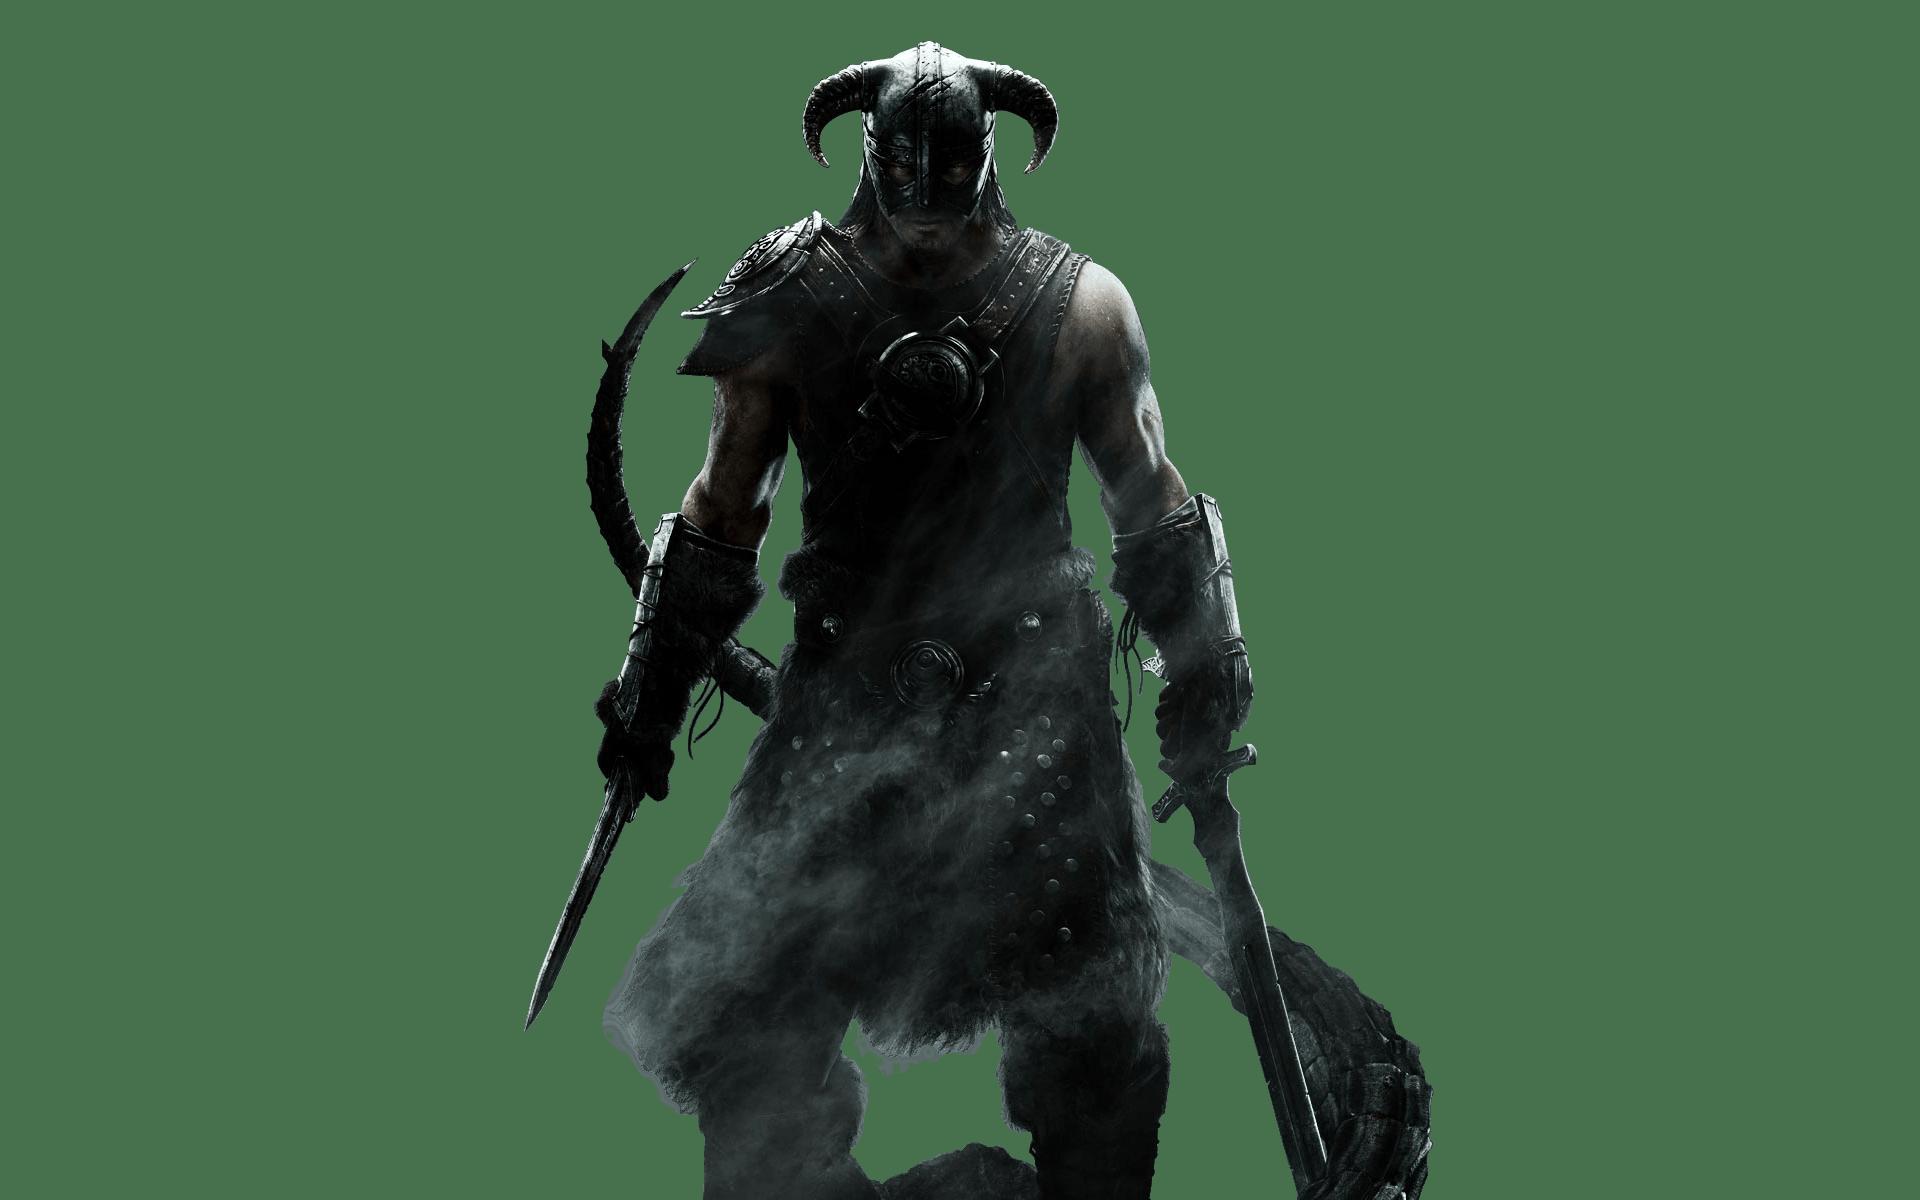 Elder Scrolls Skyrim Warrior transparent PNG.